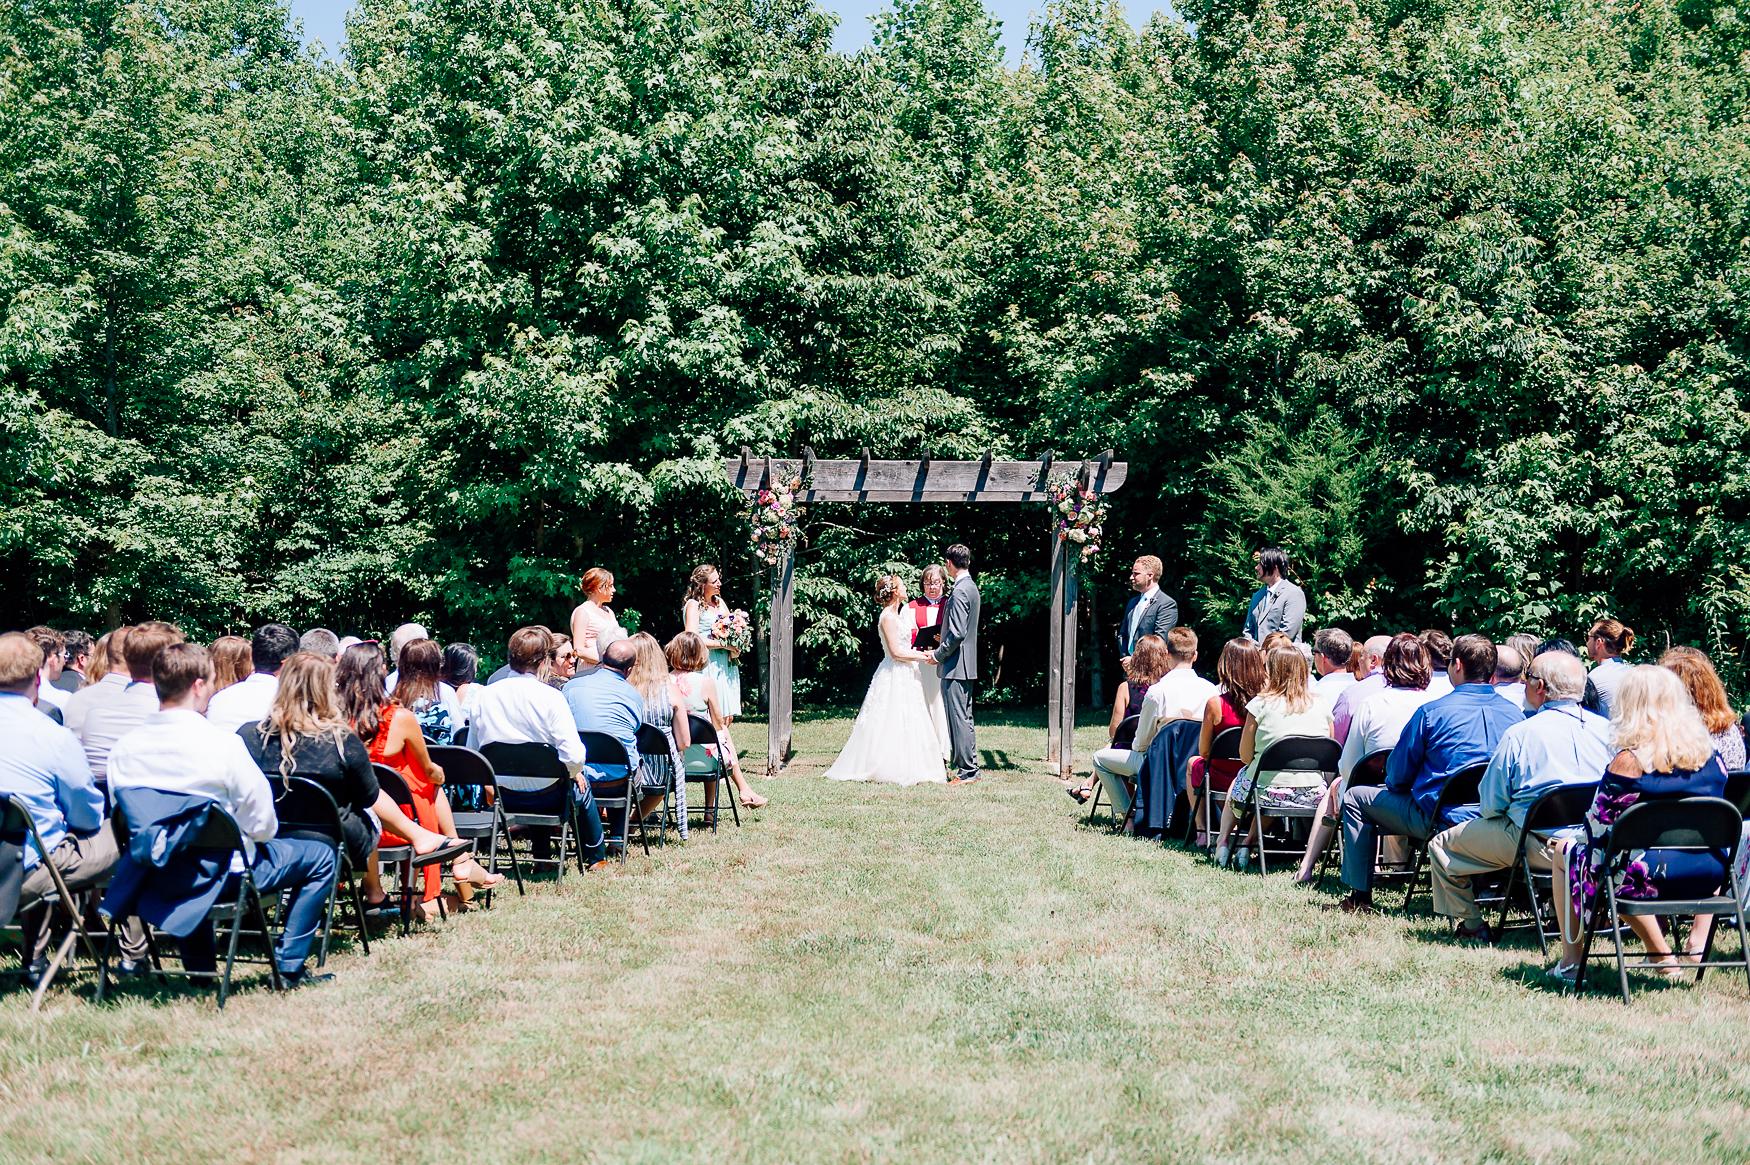 virginiawedding_theGlasgowFarm_rusticwedding_fredericksburg_youseephotography_CarolineDale (38a).jpg